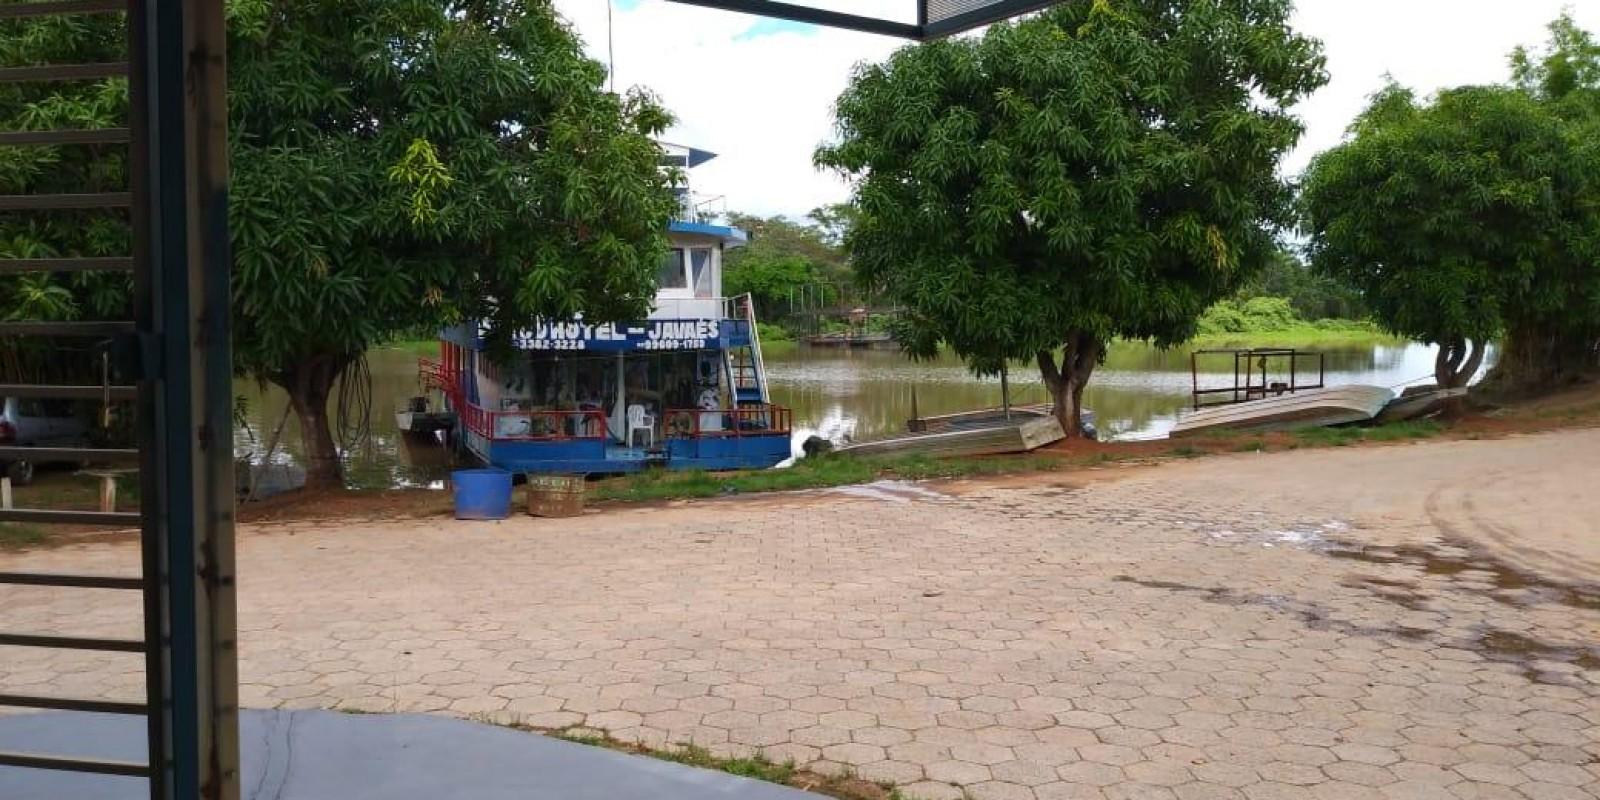 Pousada Tucunaré - Rio Araguaia - 40 pessoas - Foto 5 de 14